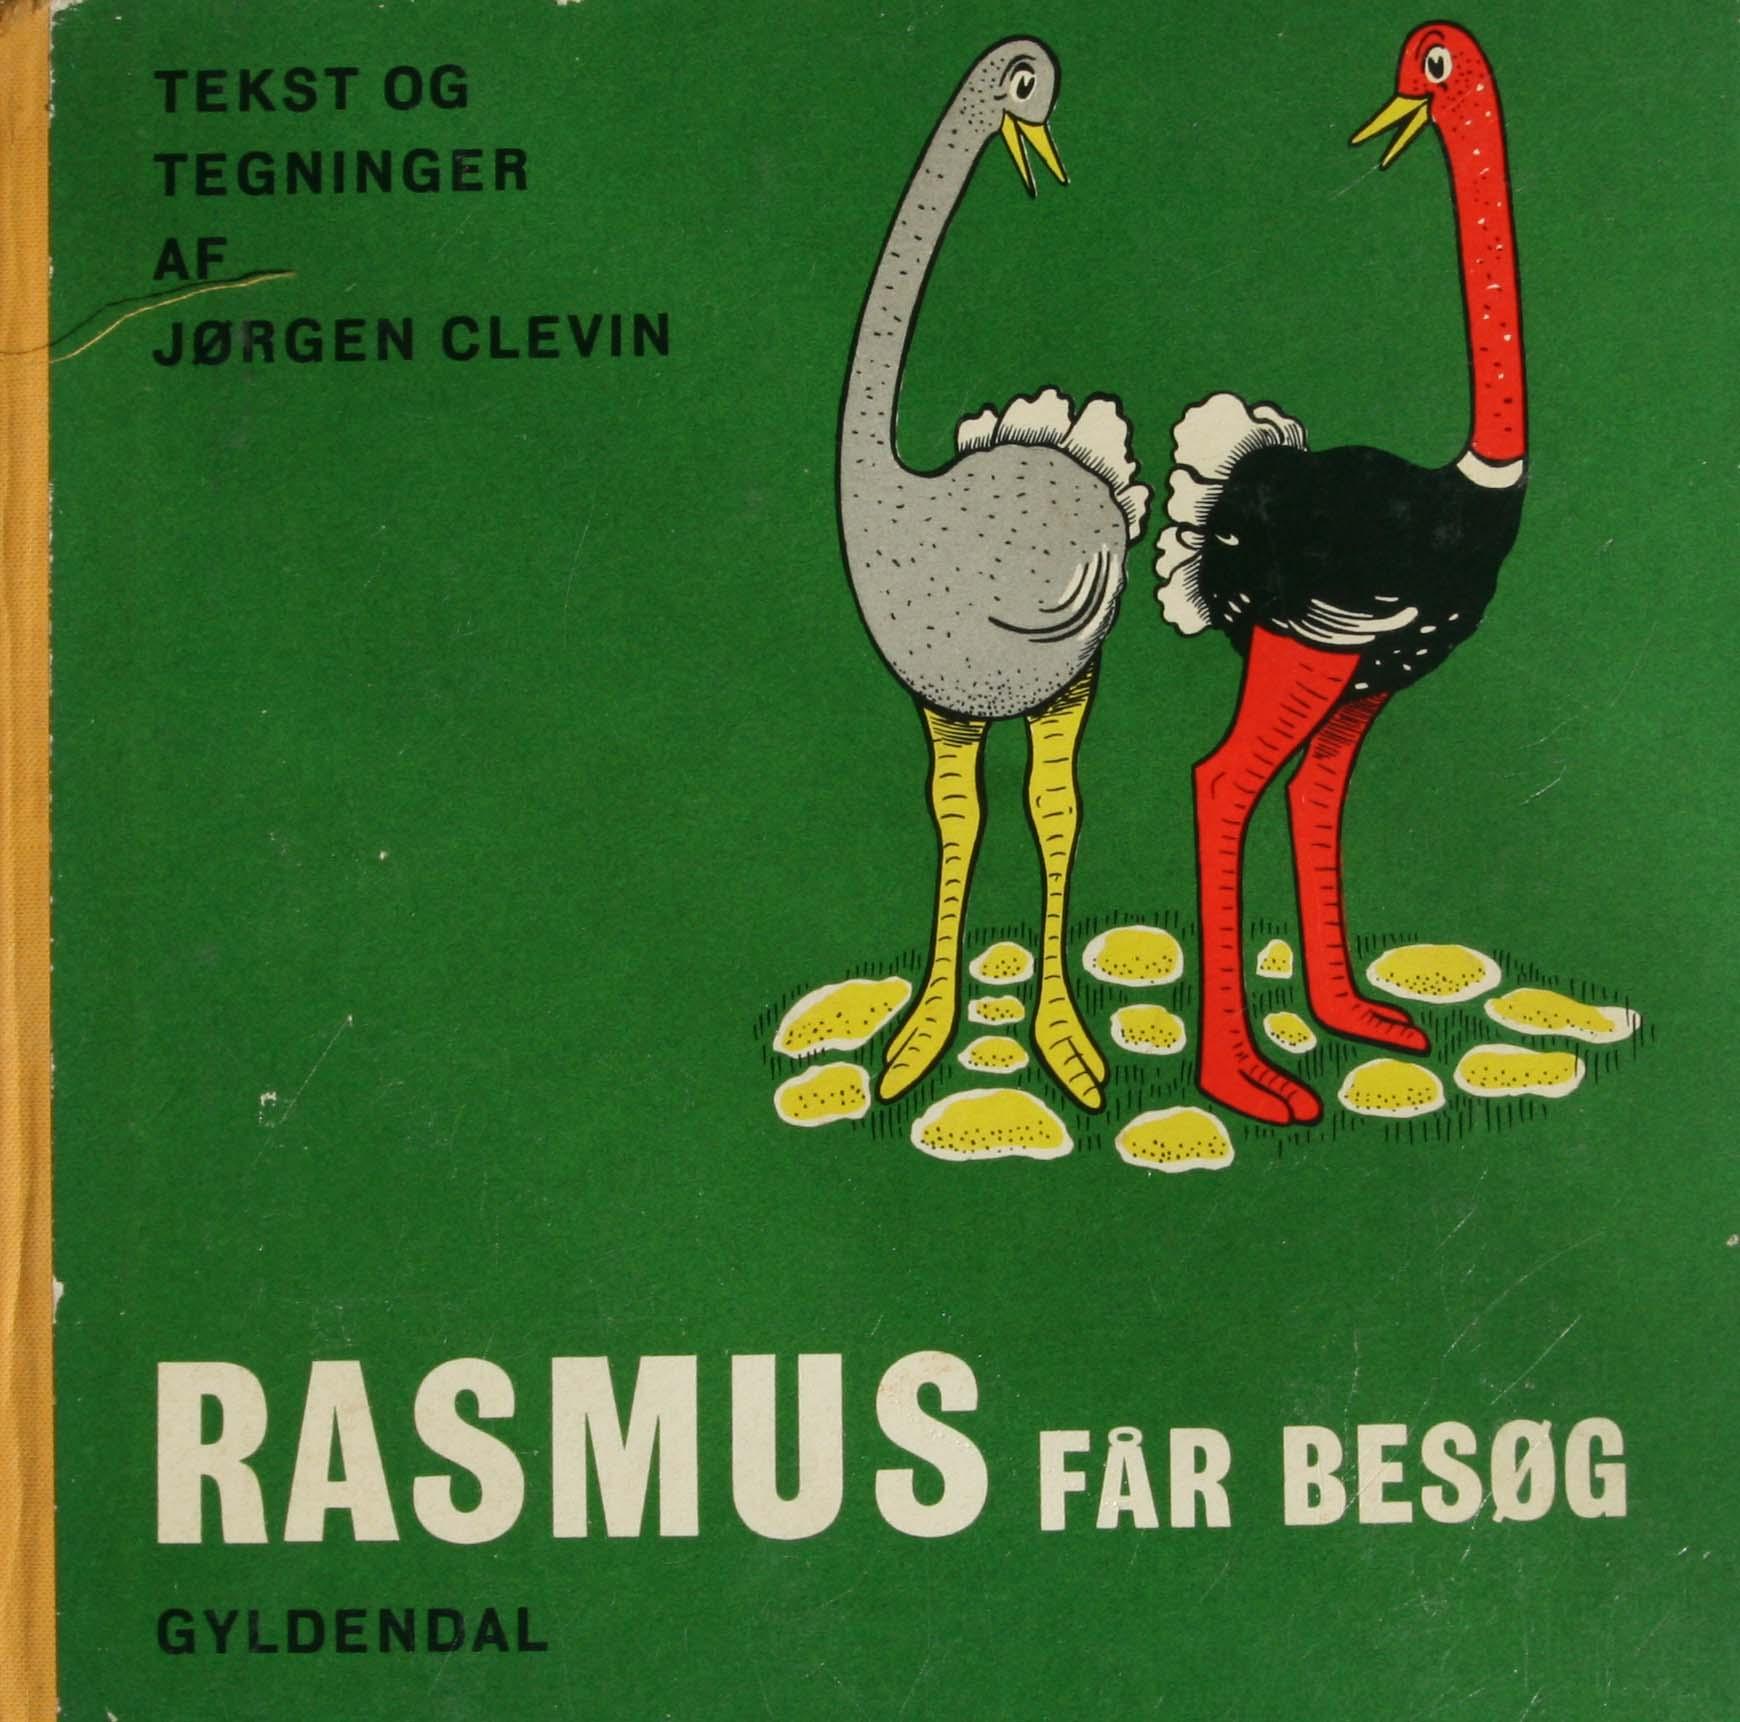 Jørgen Clevin Rasmus billedbog